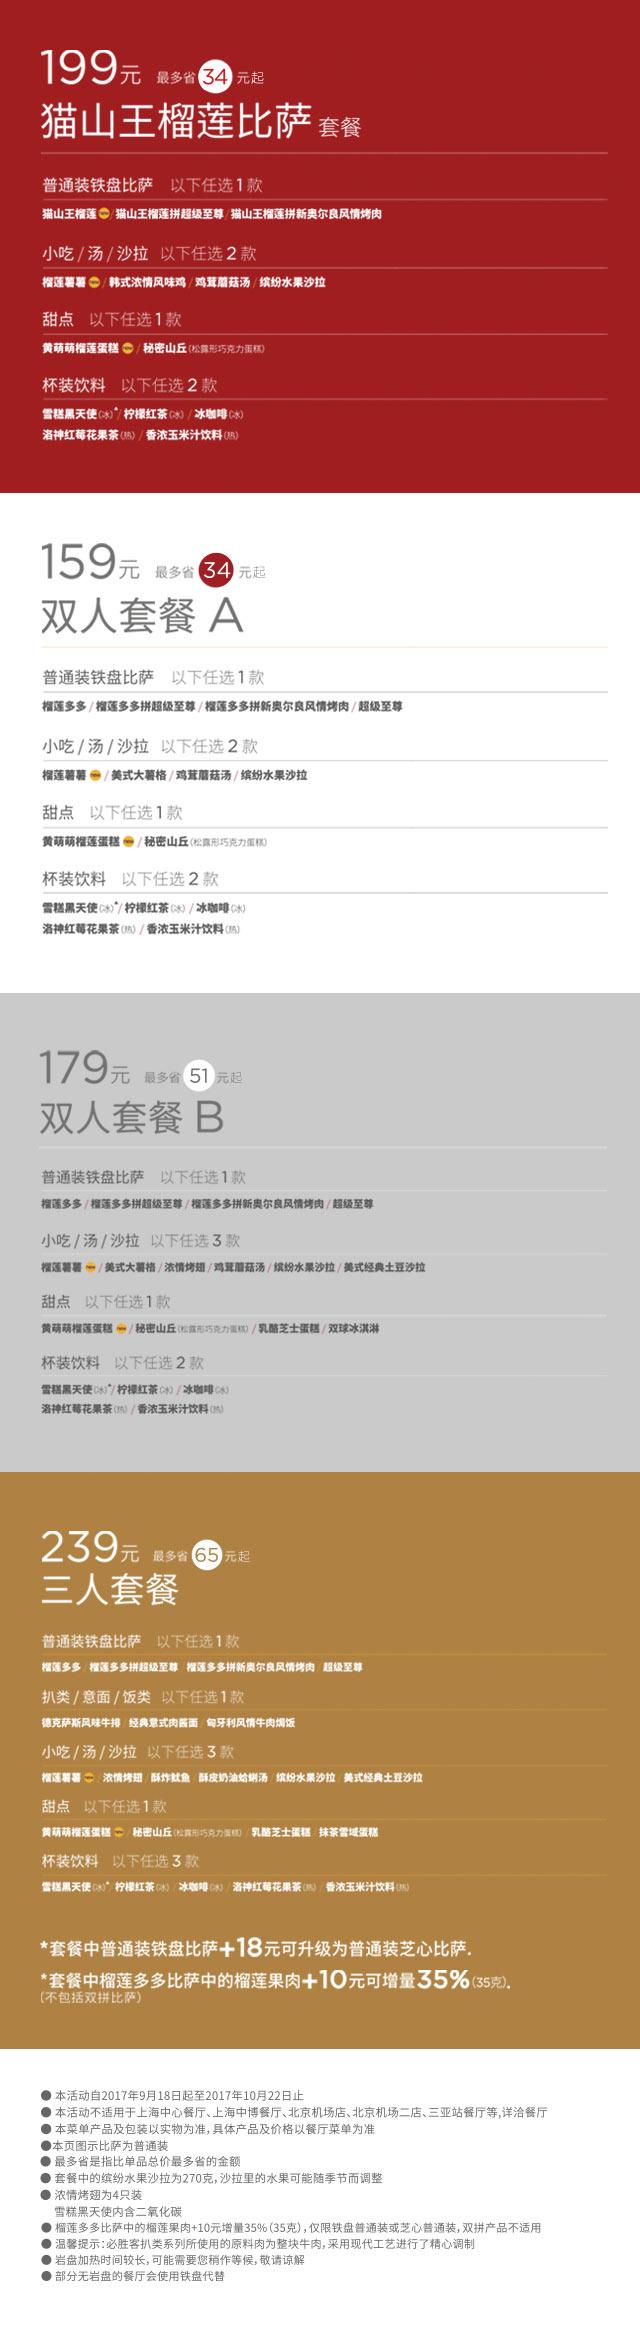 优惠券图片:必胜客猫山王榴莲比萨套餐199元起,双人套餐159元起,三人套餐239元 有效期2017年09月22日-2017年10月22日